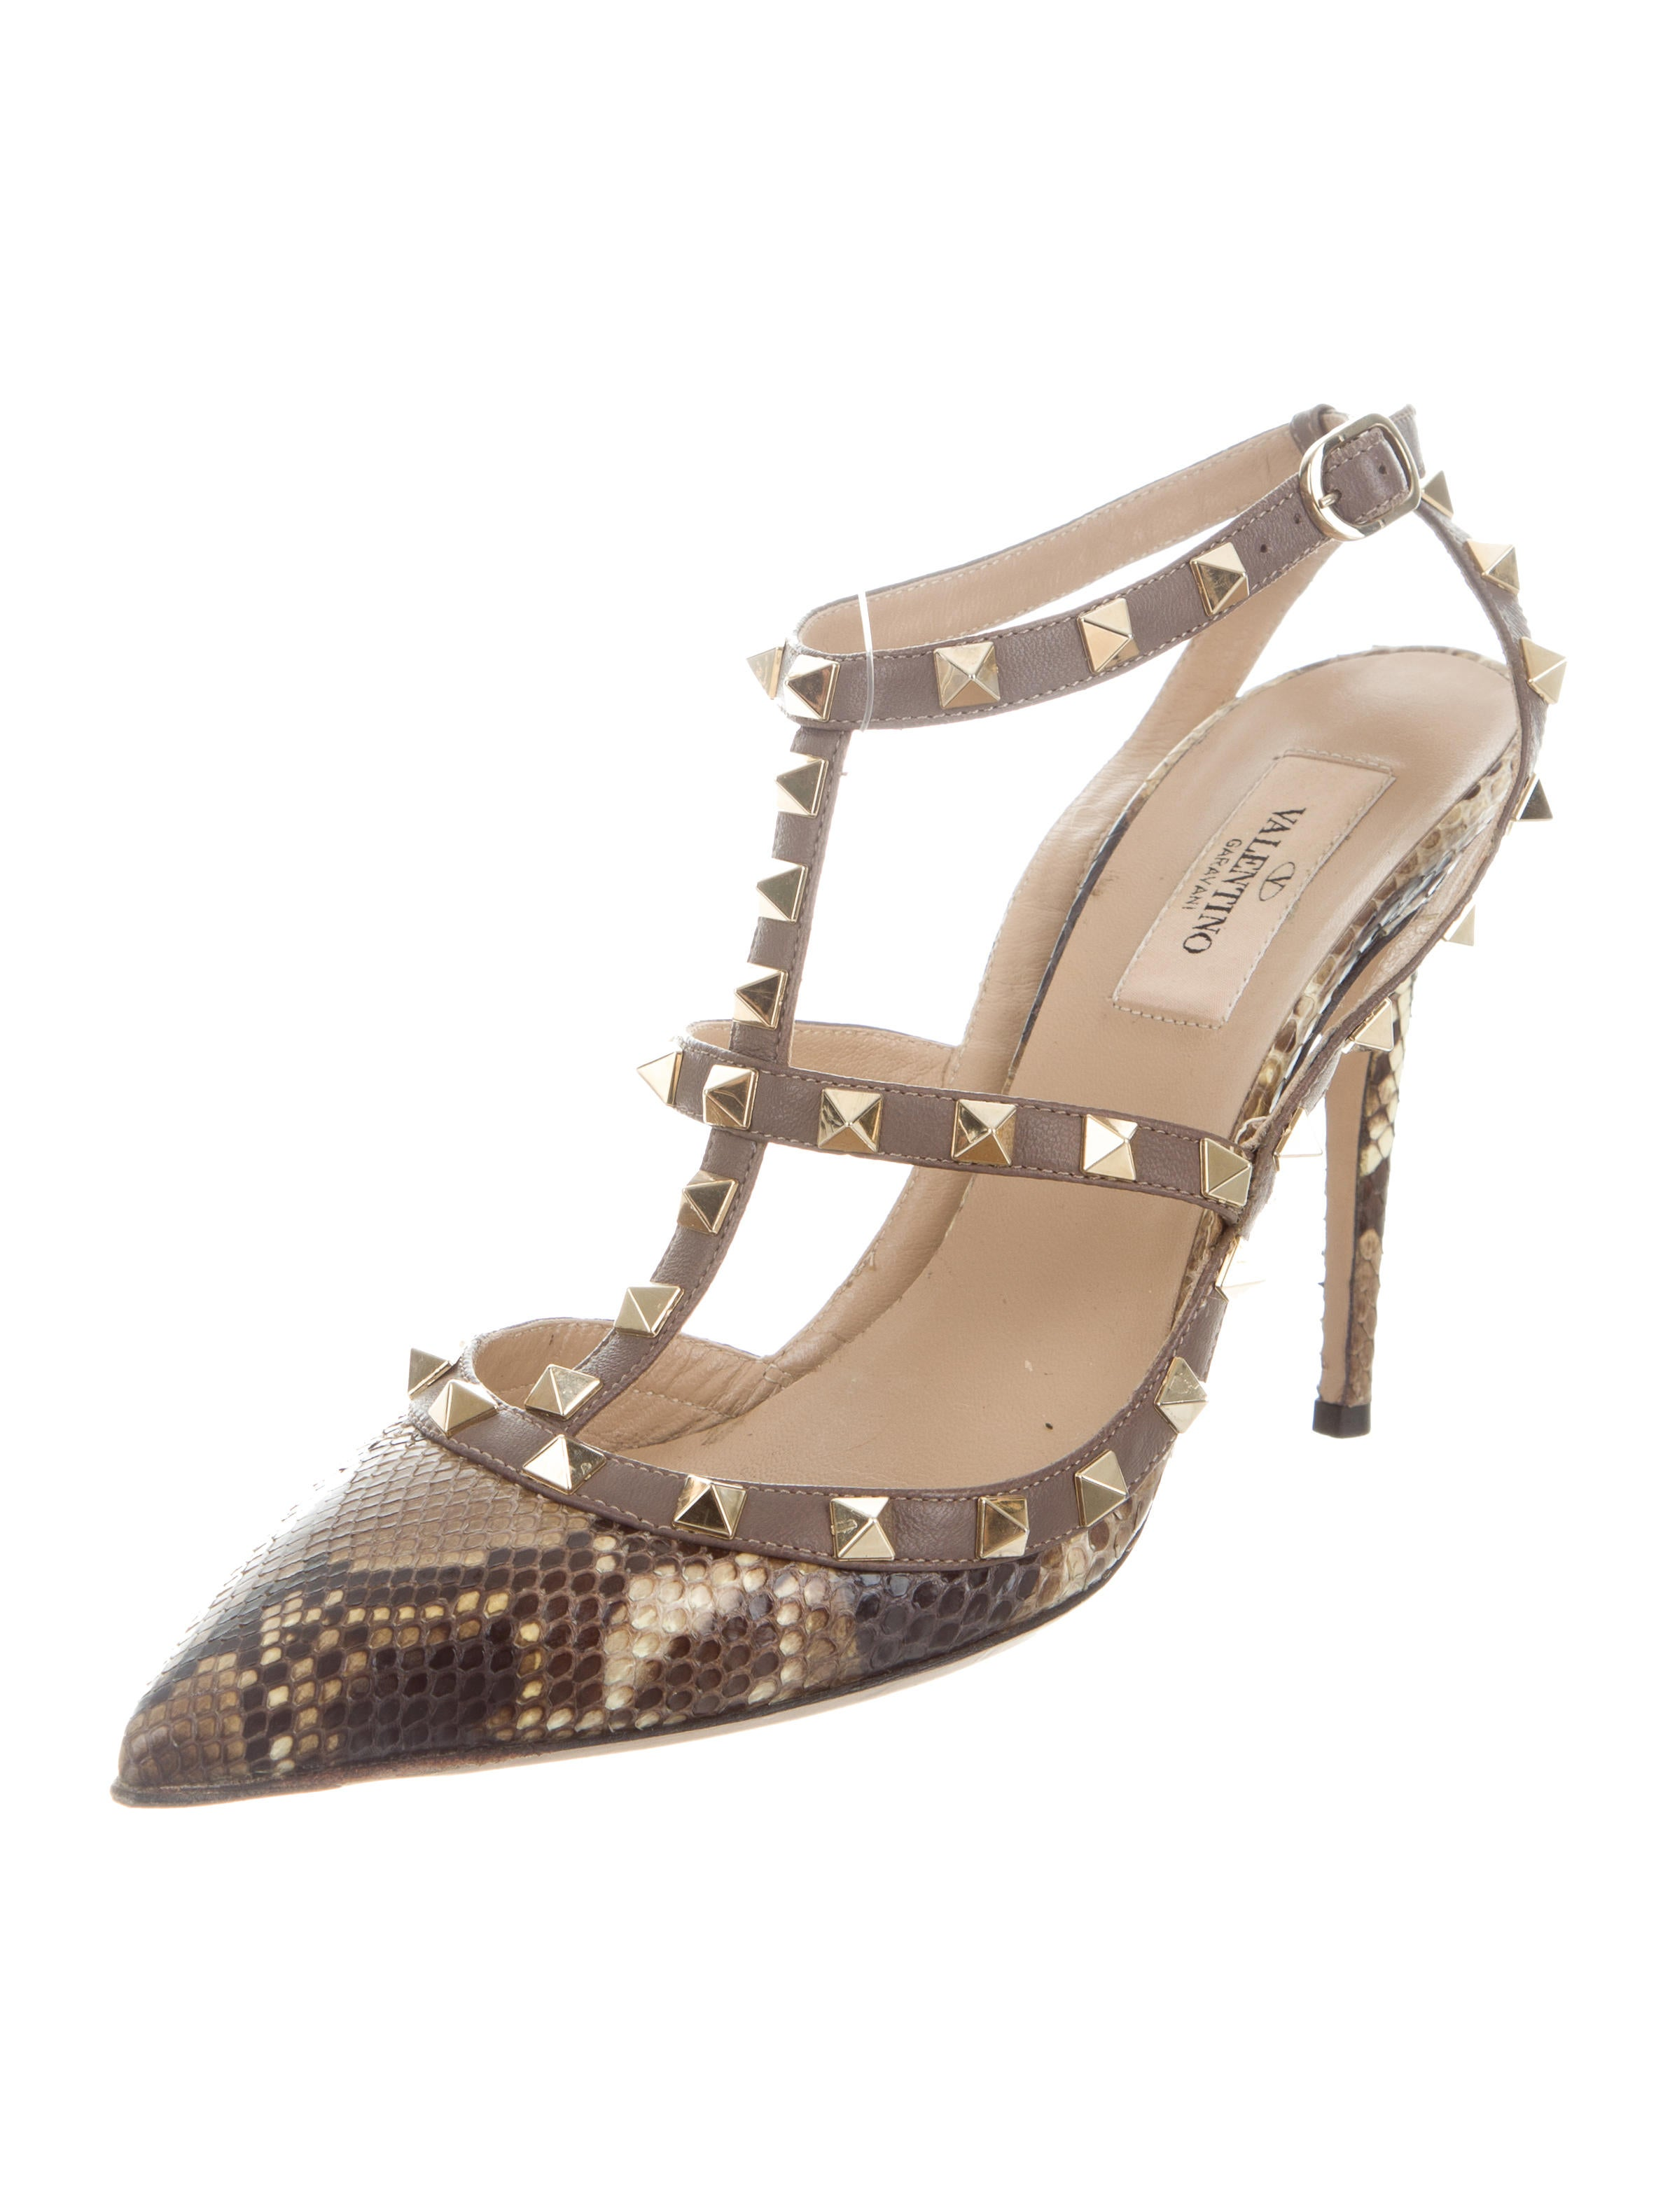 valentino snakeskin rockstud noir pumps shoes val65802 the realreal. Black Bedroom Furniture Sets. Home Design Ideas